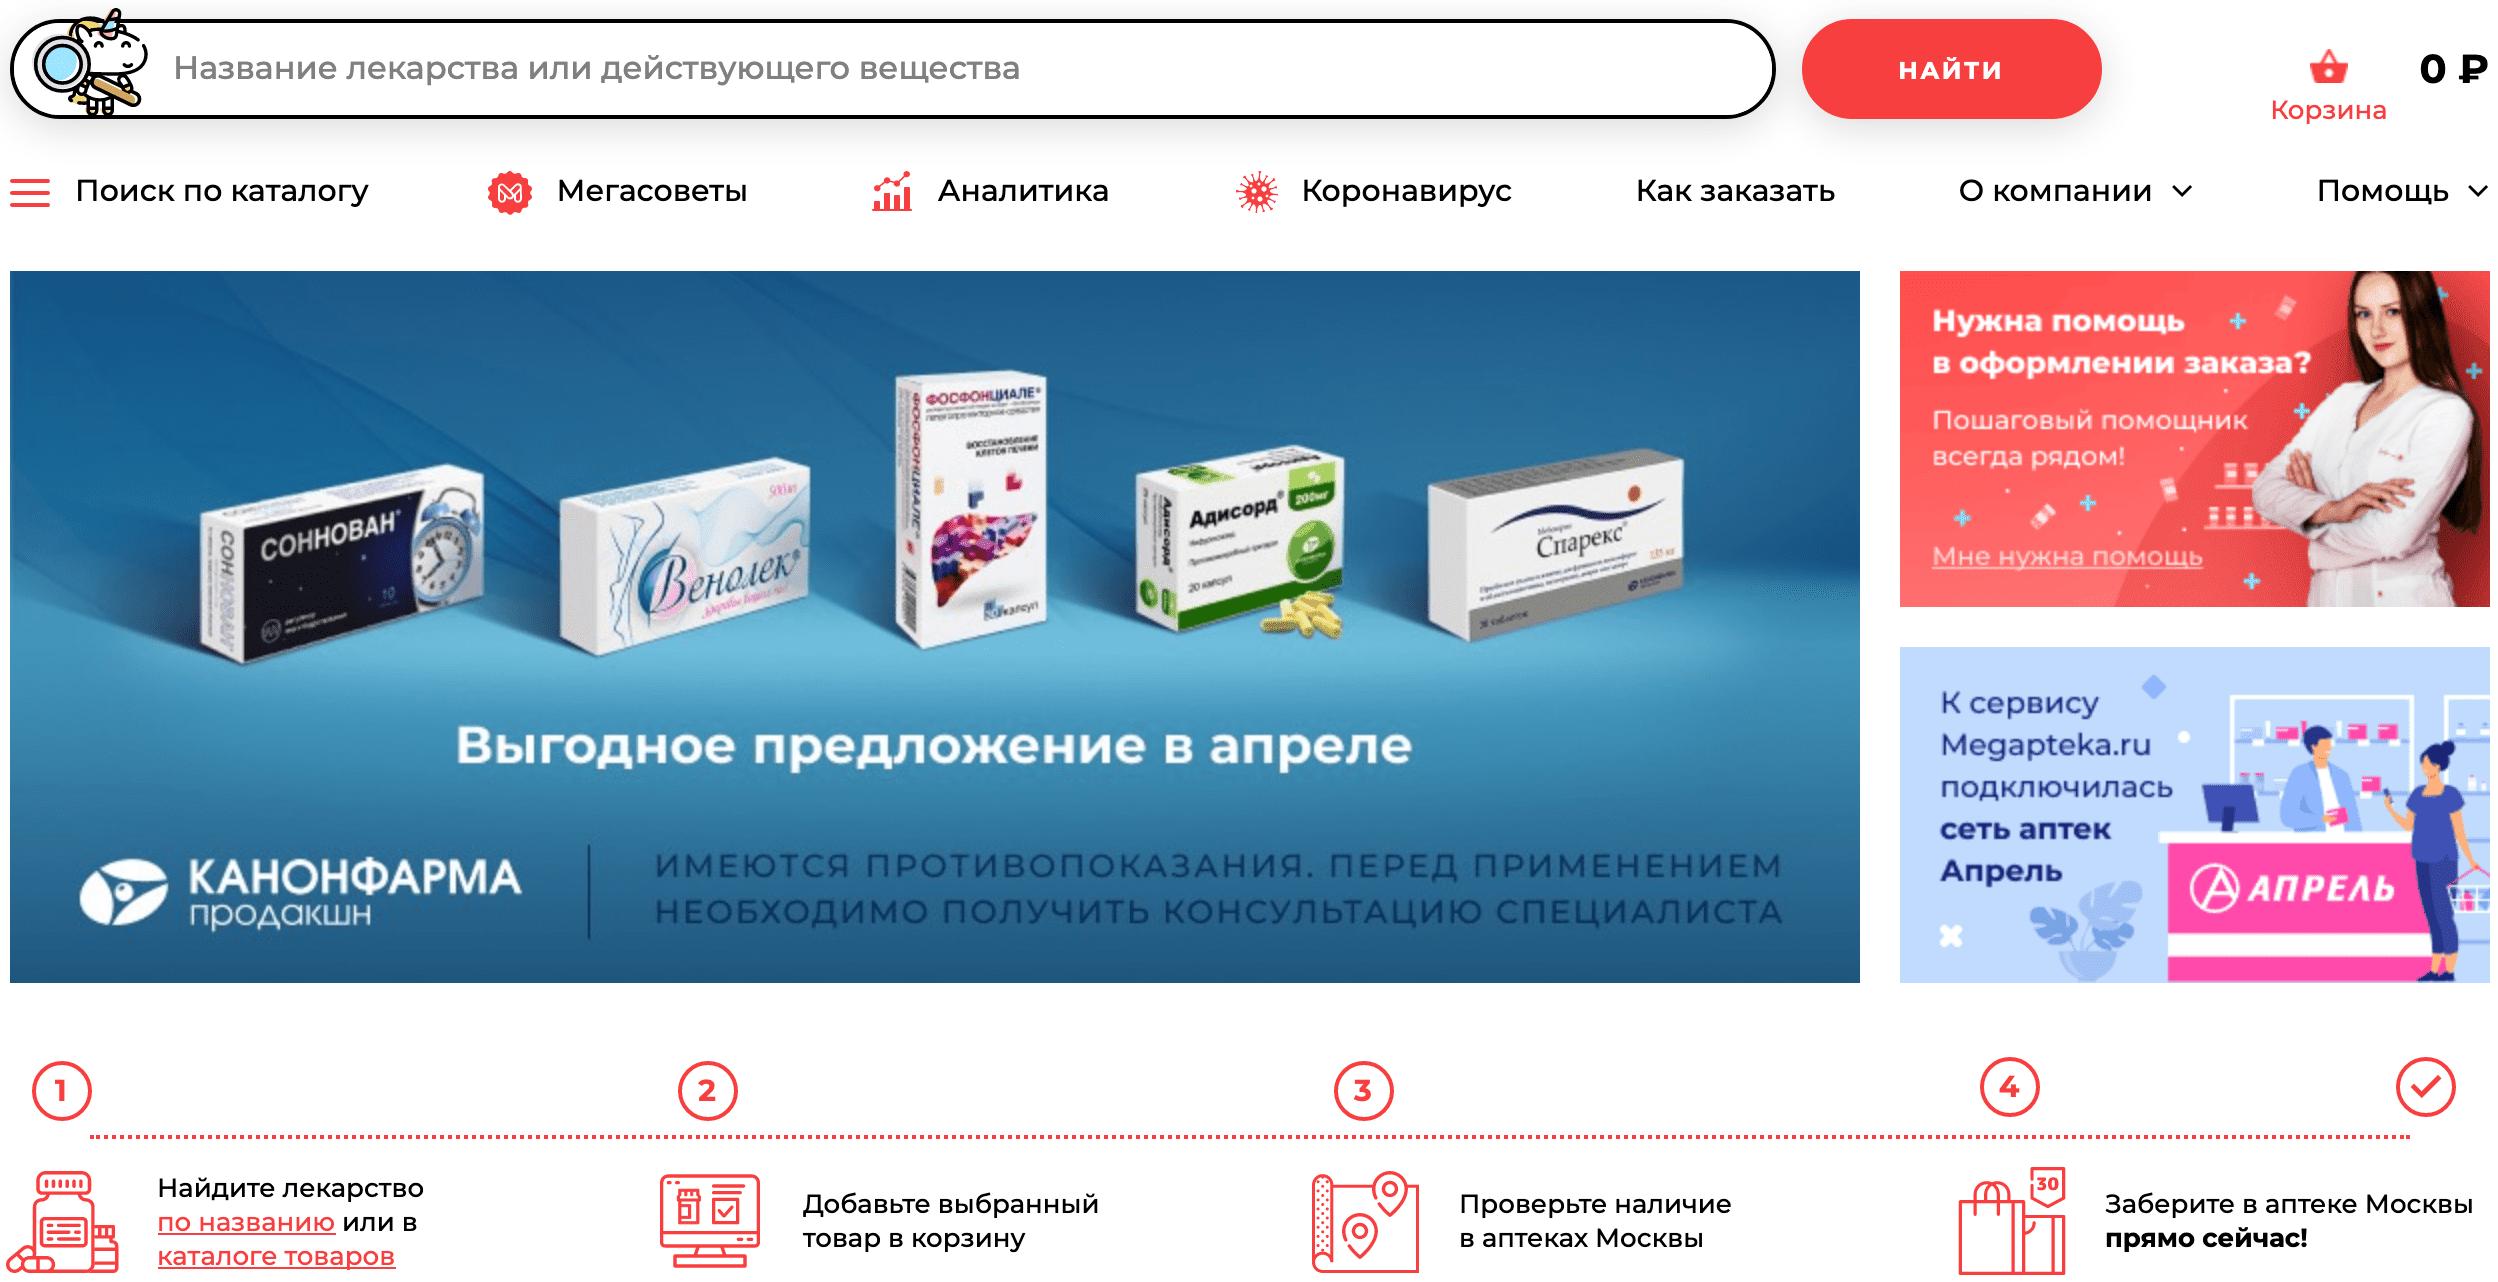 Скриншот главной страницы сервиса Мега Аптека.